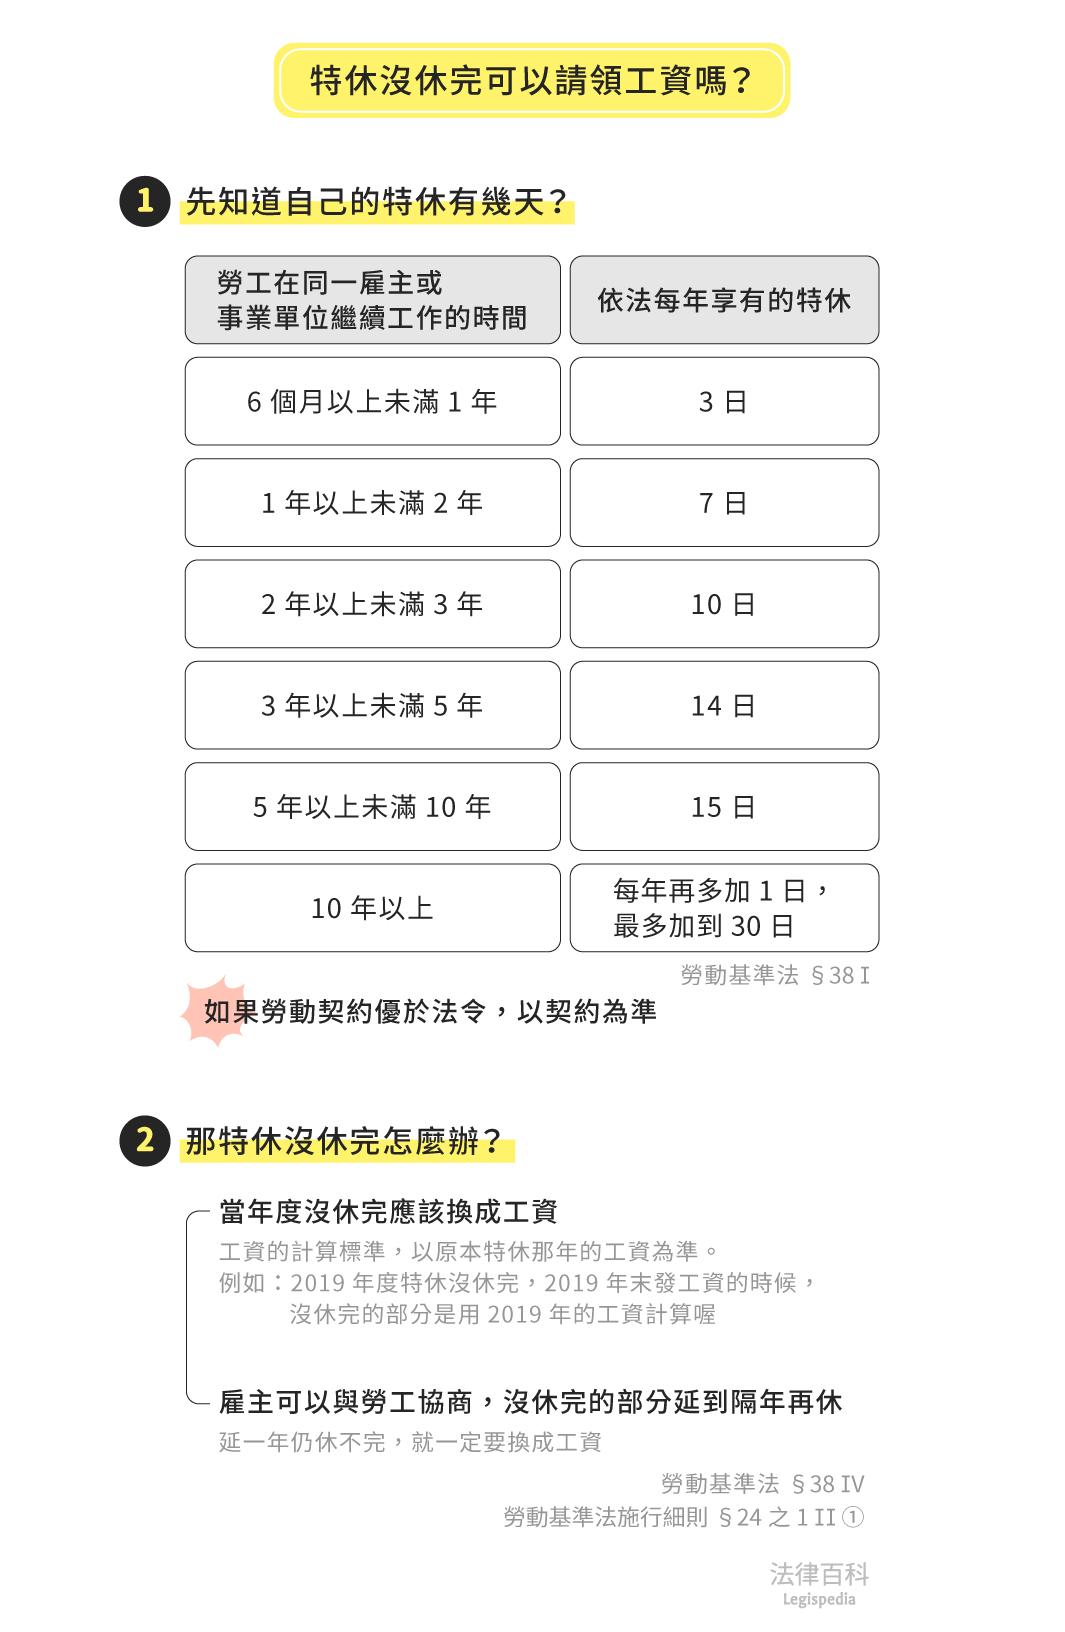 圖1 特休沒休完可以請領工資嗎?<br> 資料來源:黃蓮瑛、黃彥倫 / 繪圖:Yen